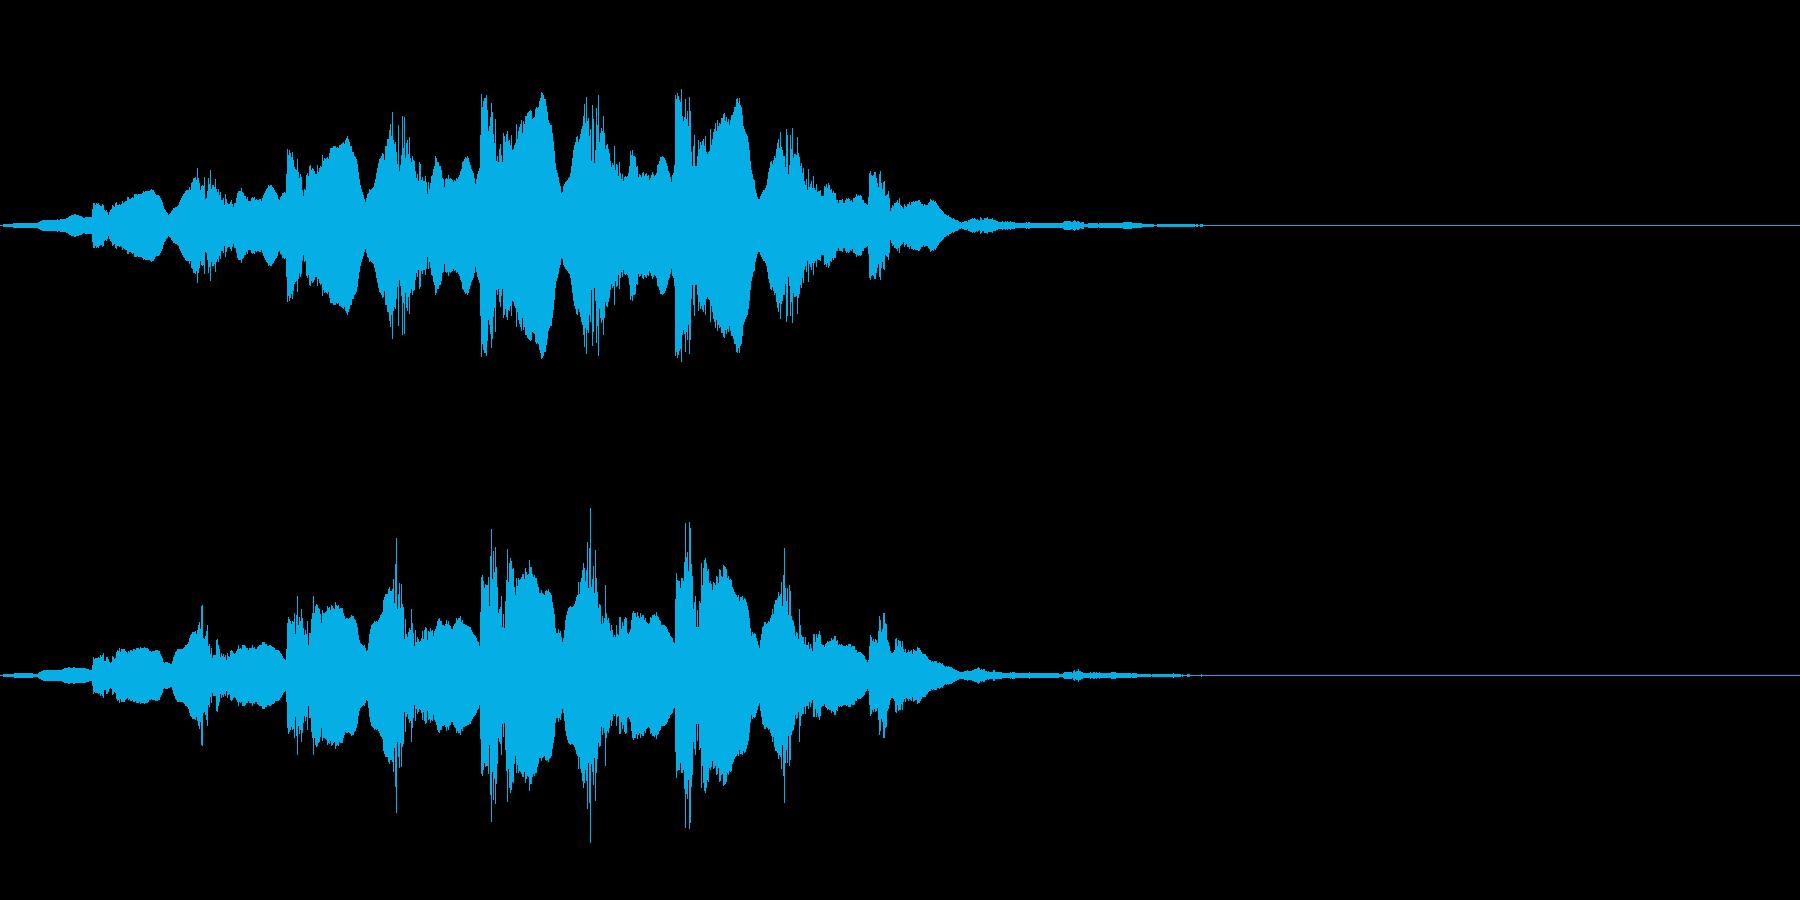 救急車のサイレン ピーポーピーポーの再生済みの波形